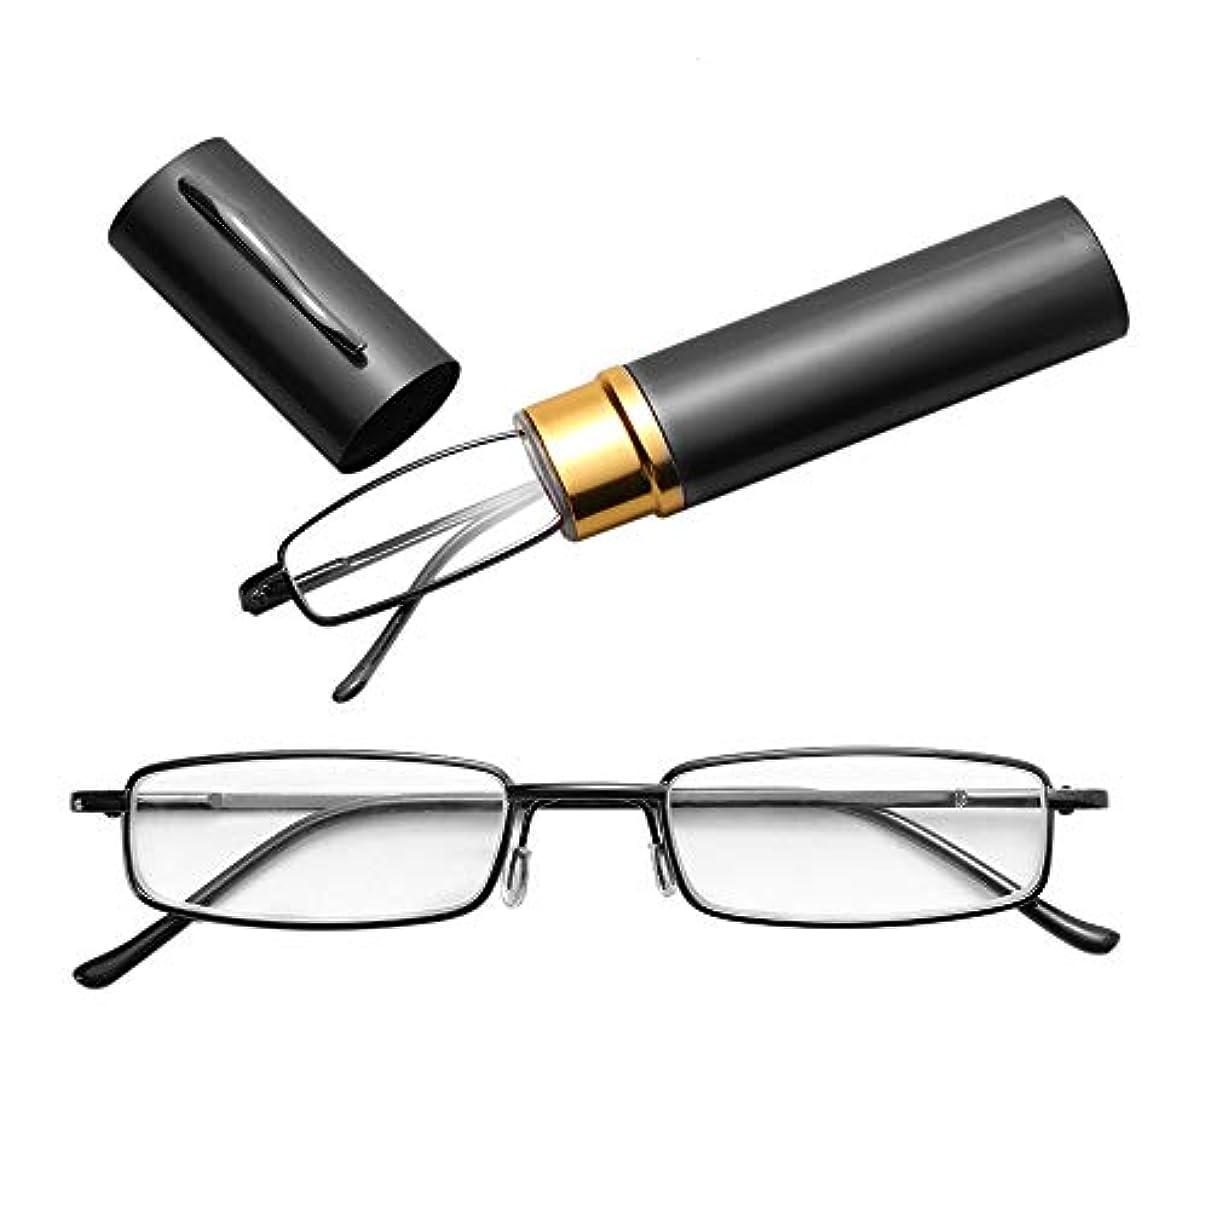 圧倒的ノート尊敬MENGJIA 老眼鏡メタルスプリングフットポータブル老視メガネチューブケース付き+ 1.00D(ブラック)YANG (色 : 黄)